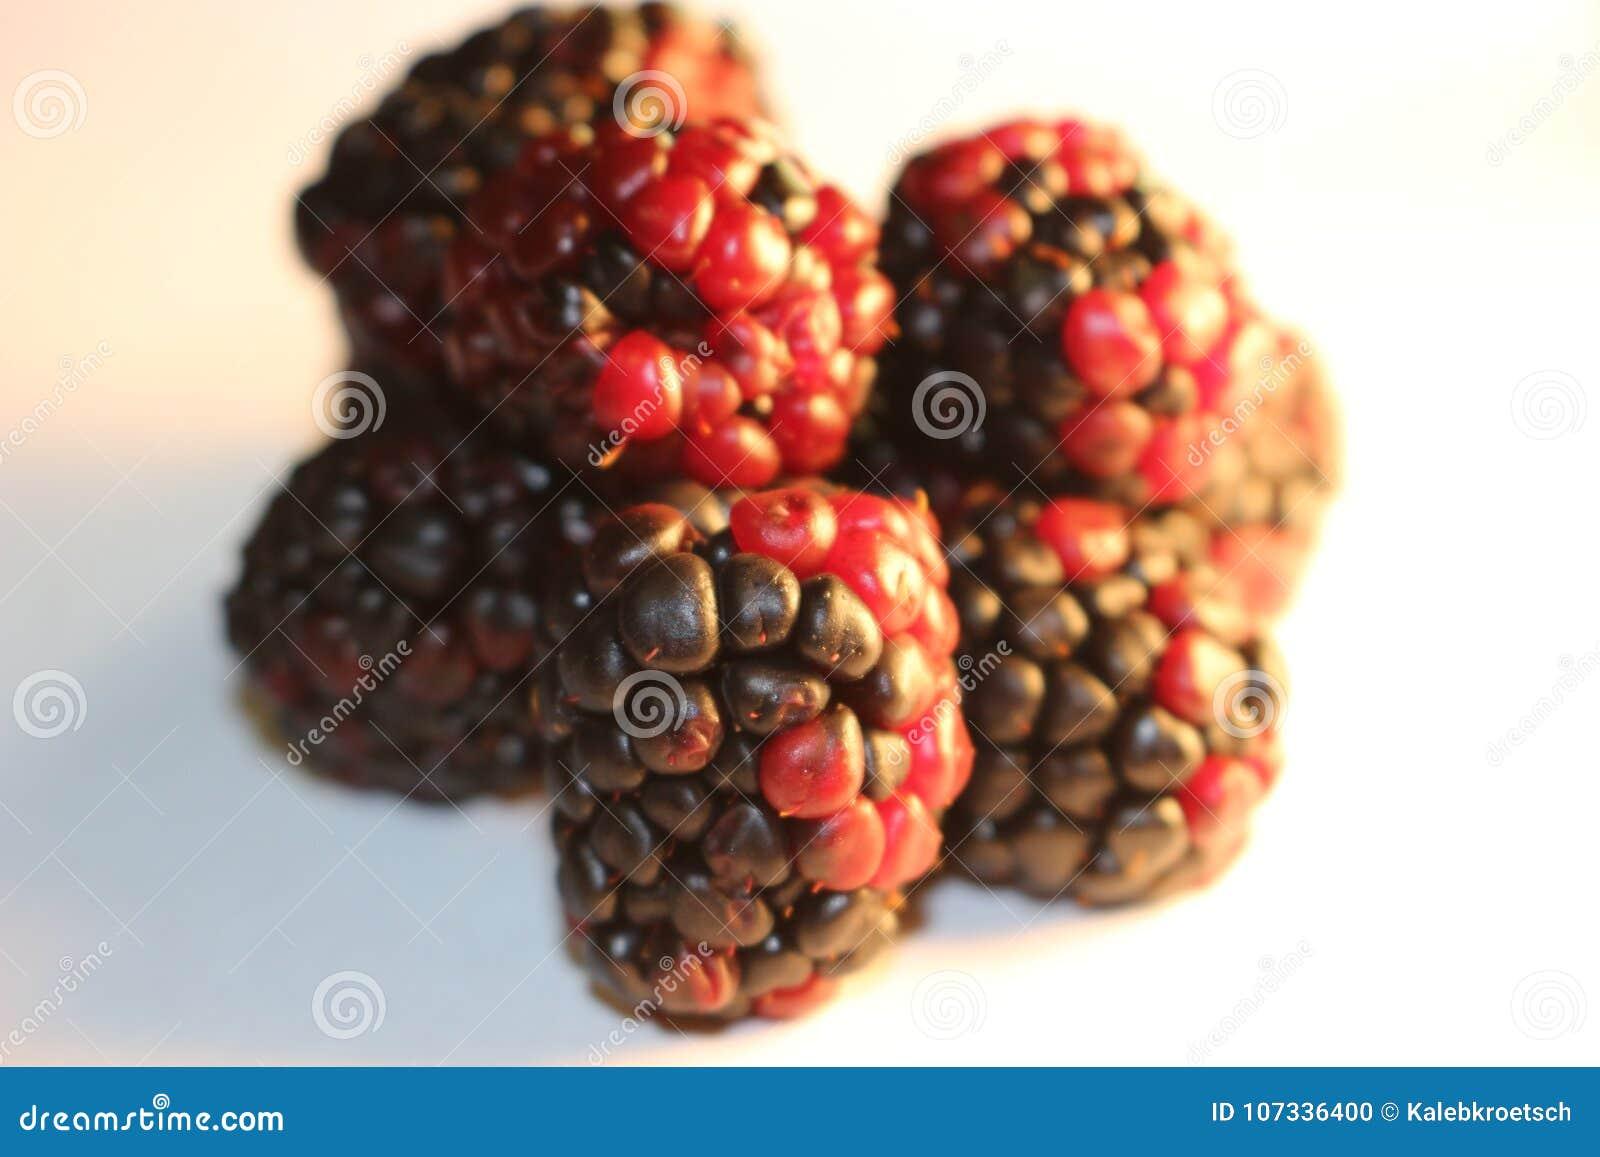 Geïsoleerde braambessen die sappig en rijp kijken De braambessen zijn van de Rubus-soort in de Rosaceae-familie